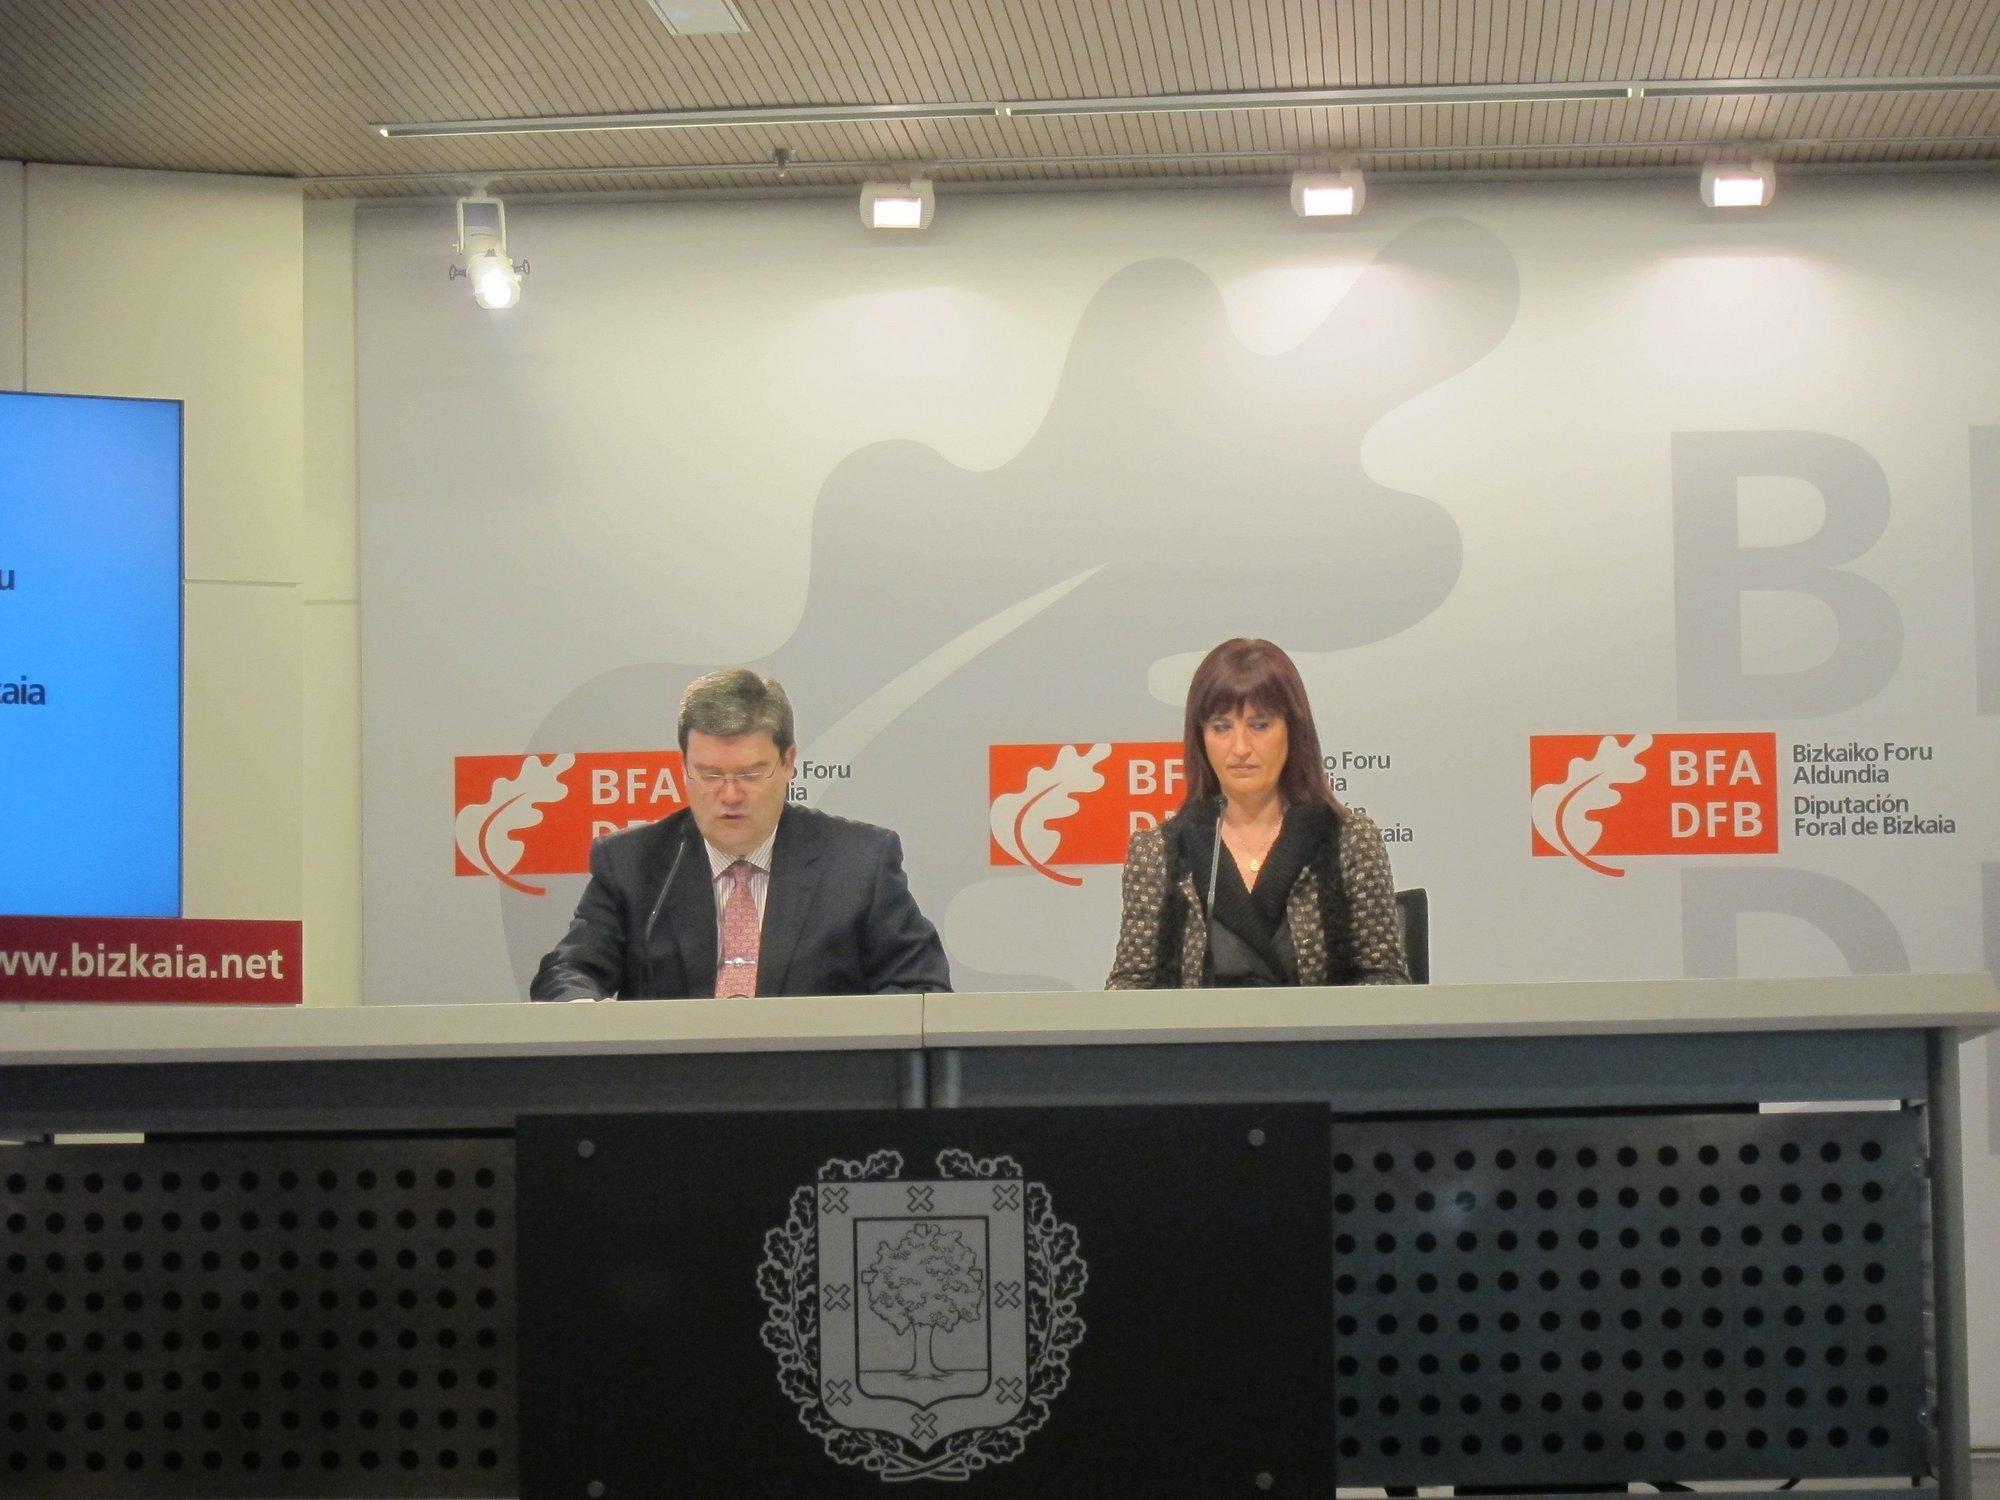 Diputación de Vizcaya revoca el nombramiento de »Primer vizcaíno de adopción y honor» otorgado a Franco en 1950